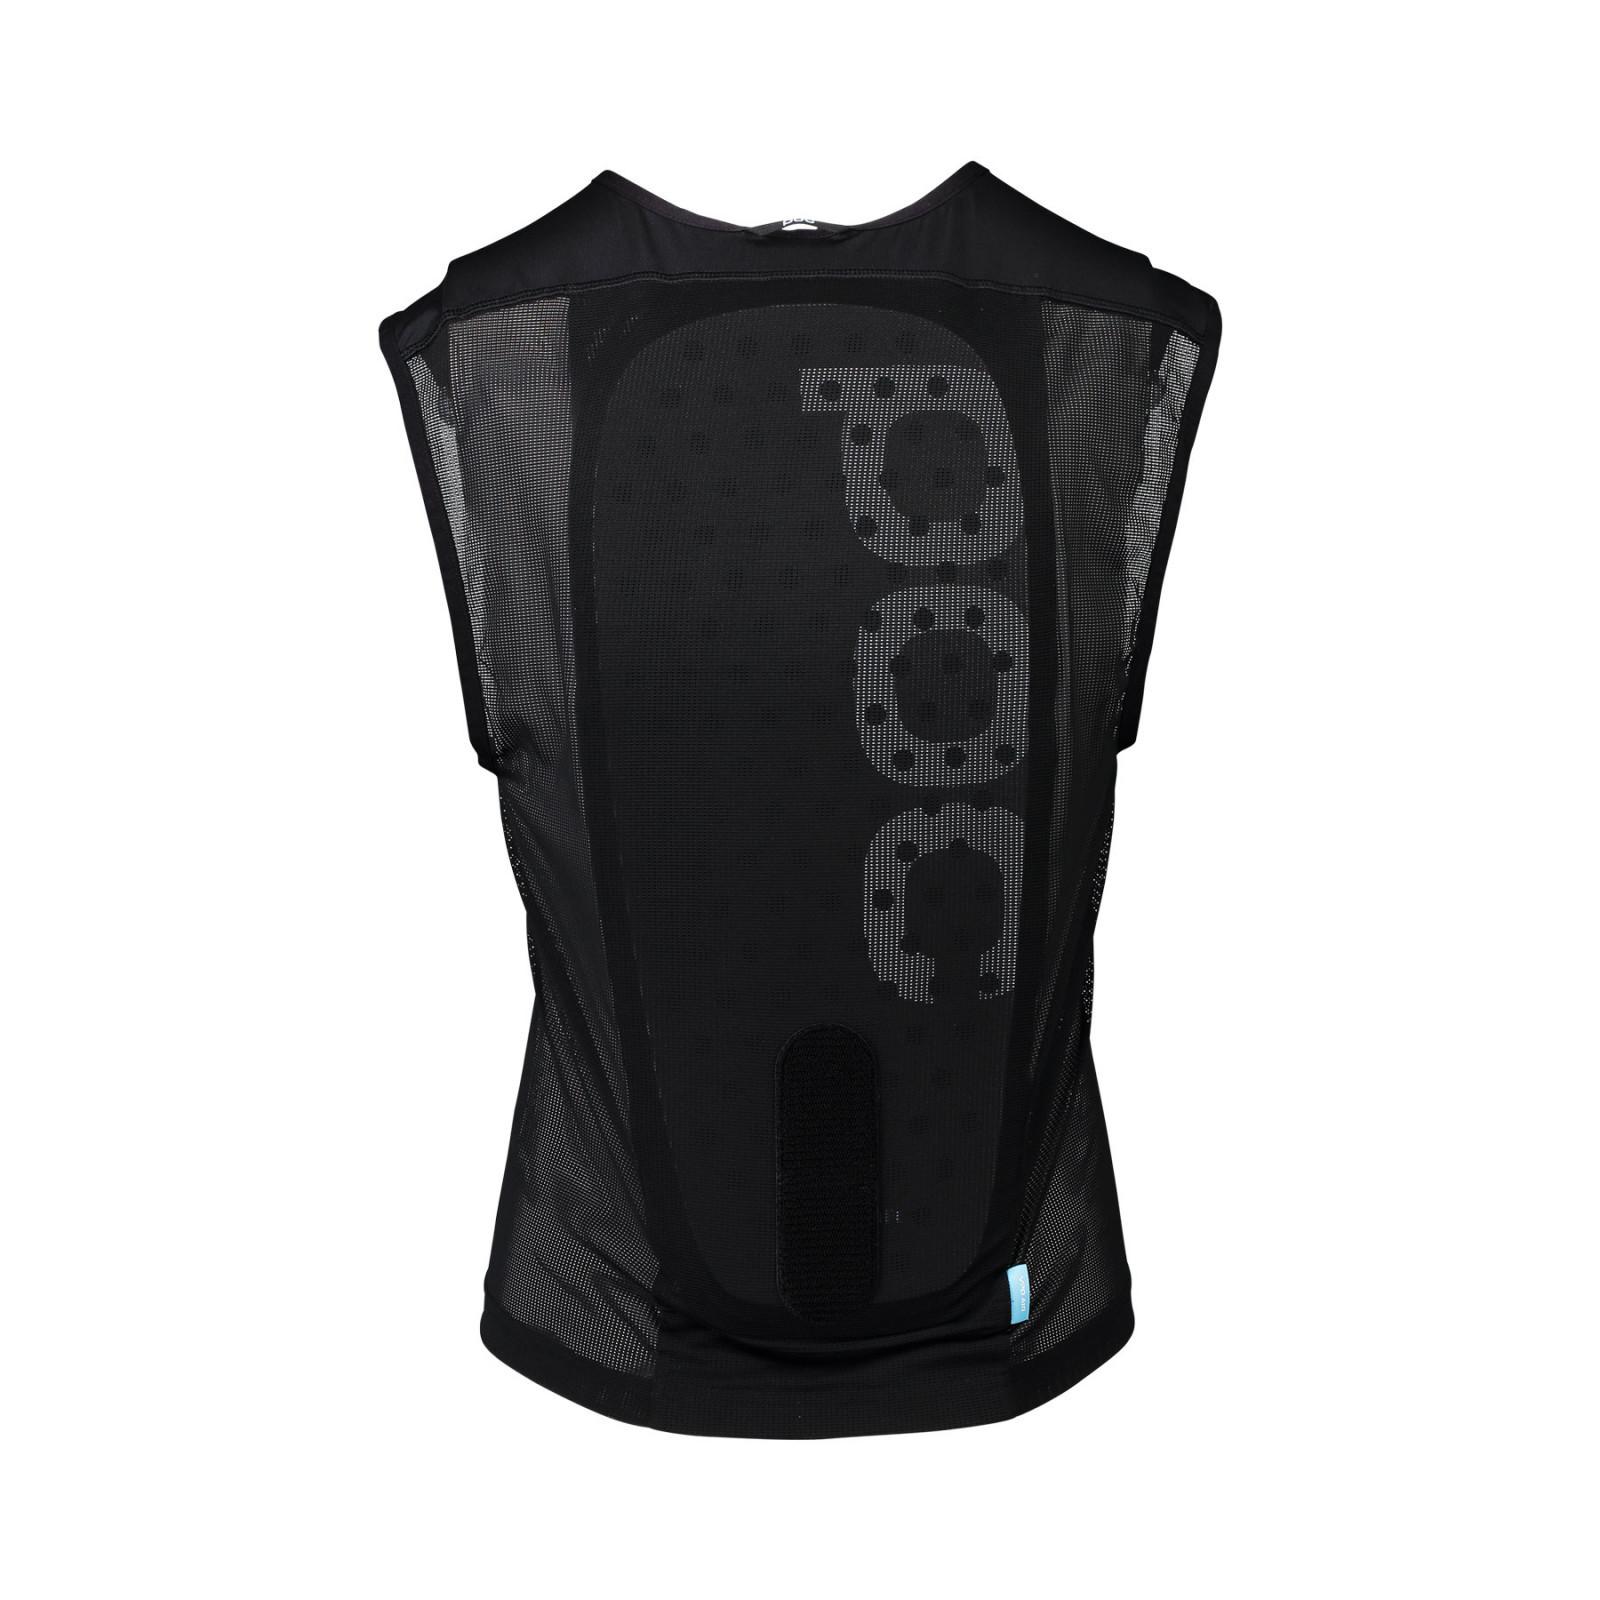 POC Spine VPD Air Vest - Regular - čierna